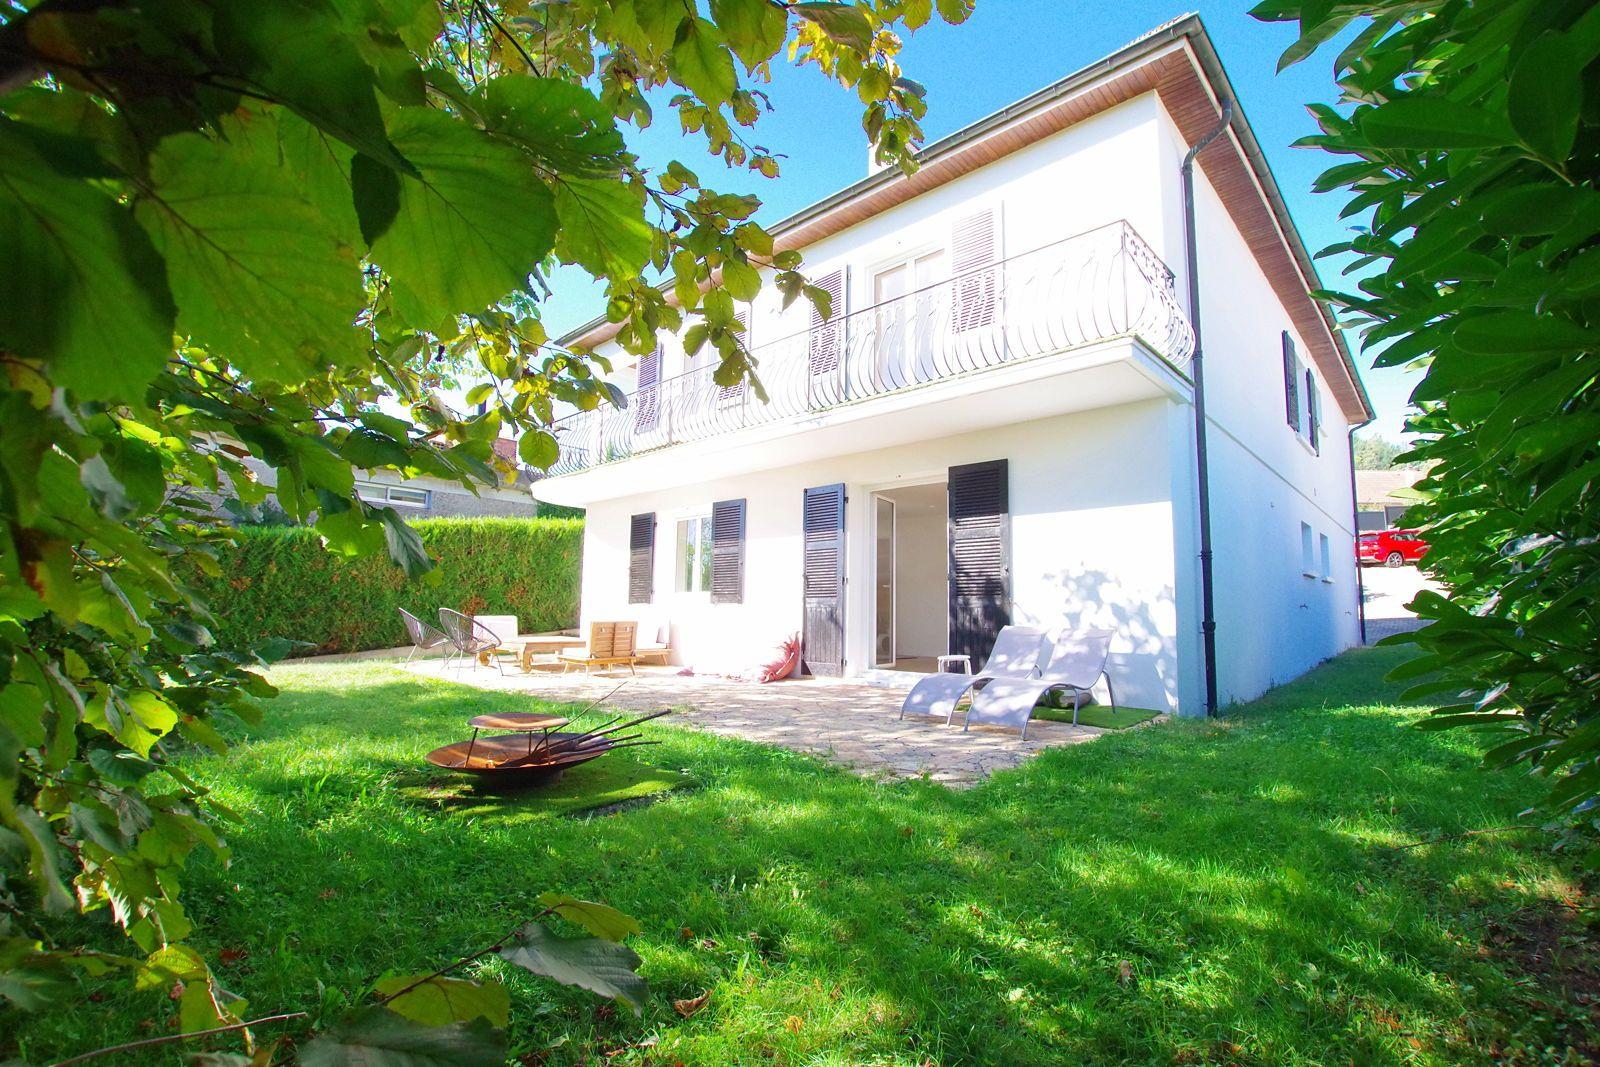 Vends maison rénovée 290m², 4/6chambres, terrasse jardin arboré